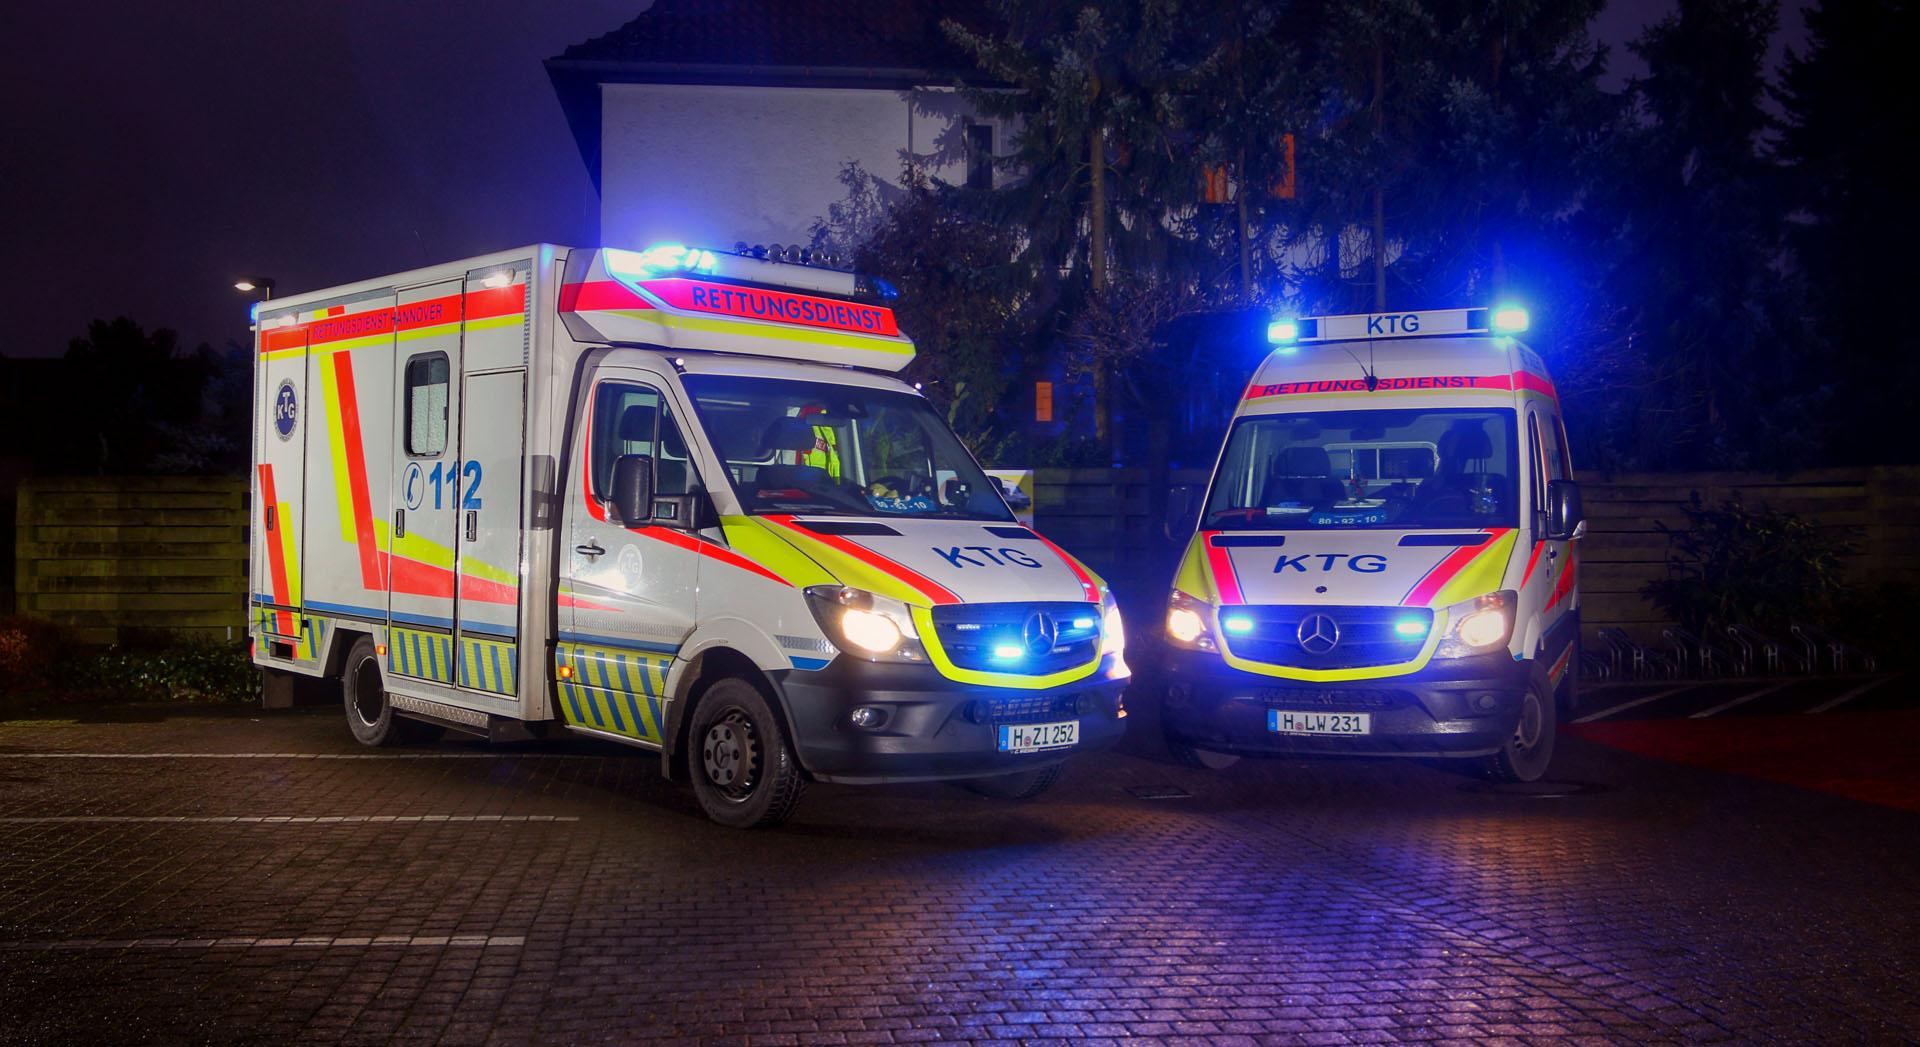 Rettungswagen der KTG